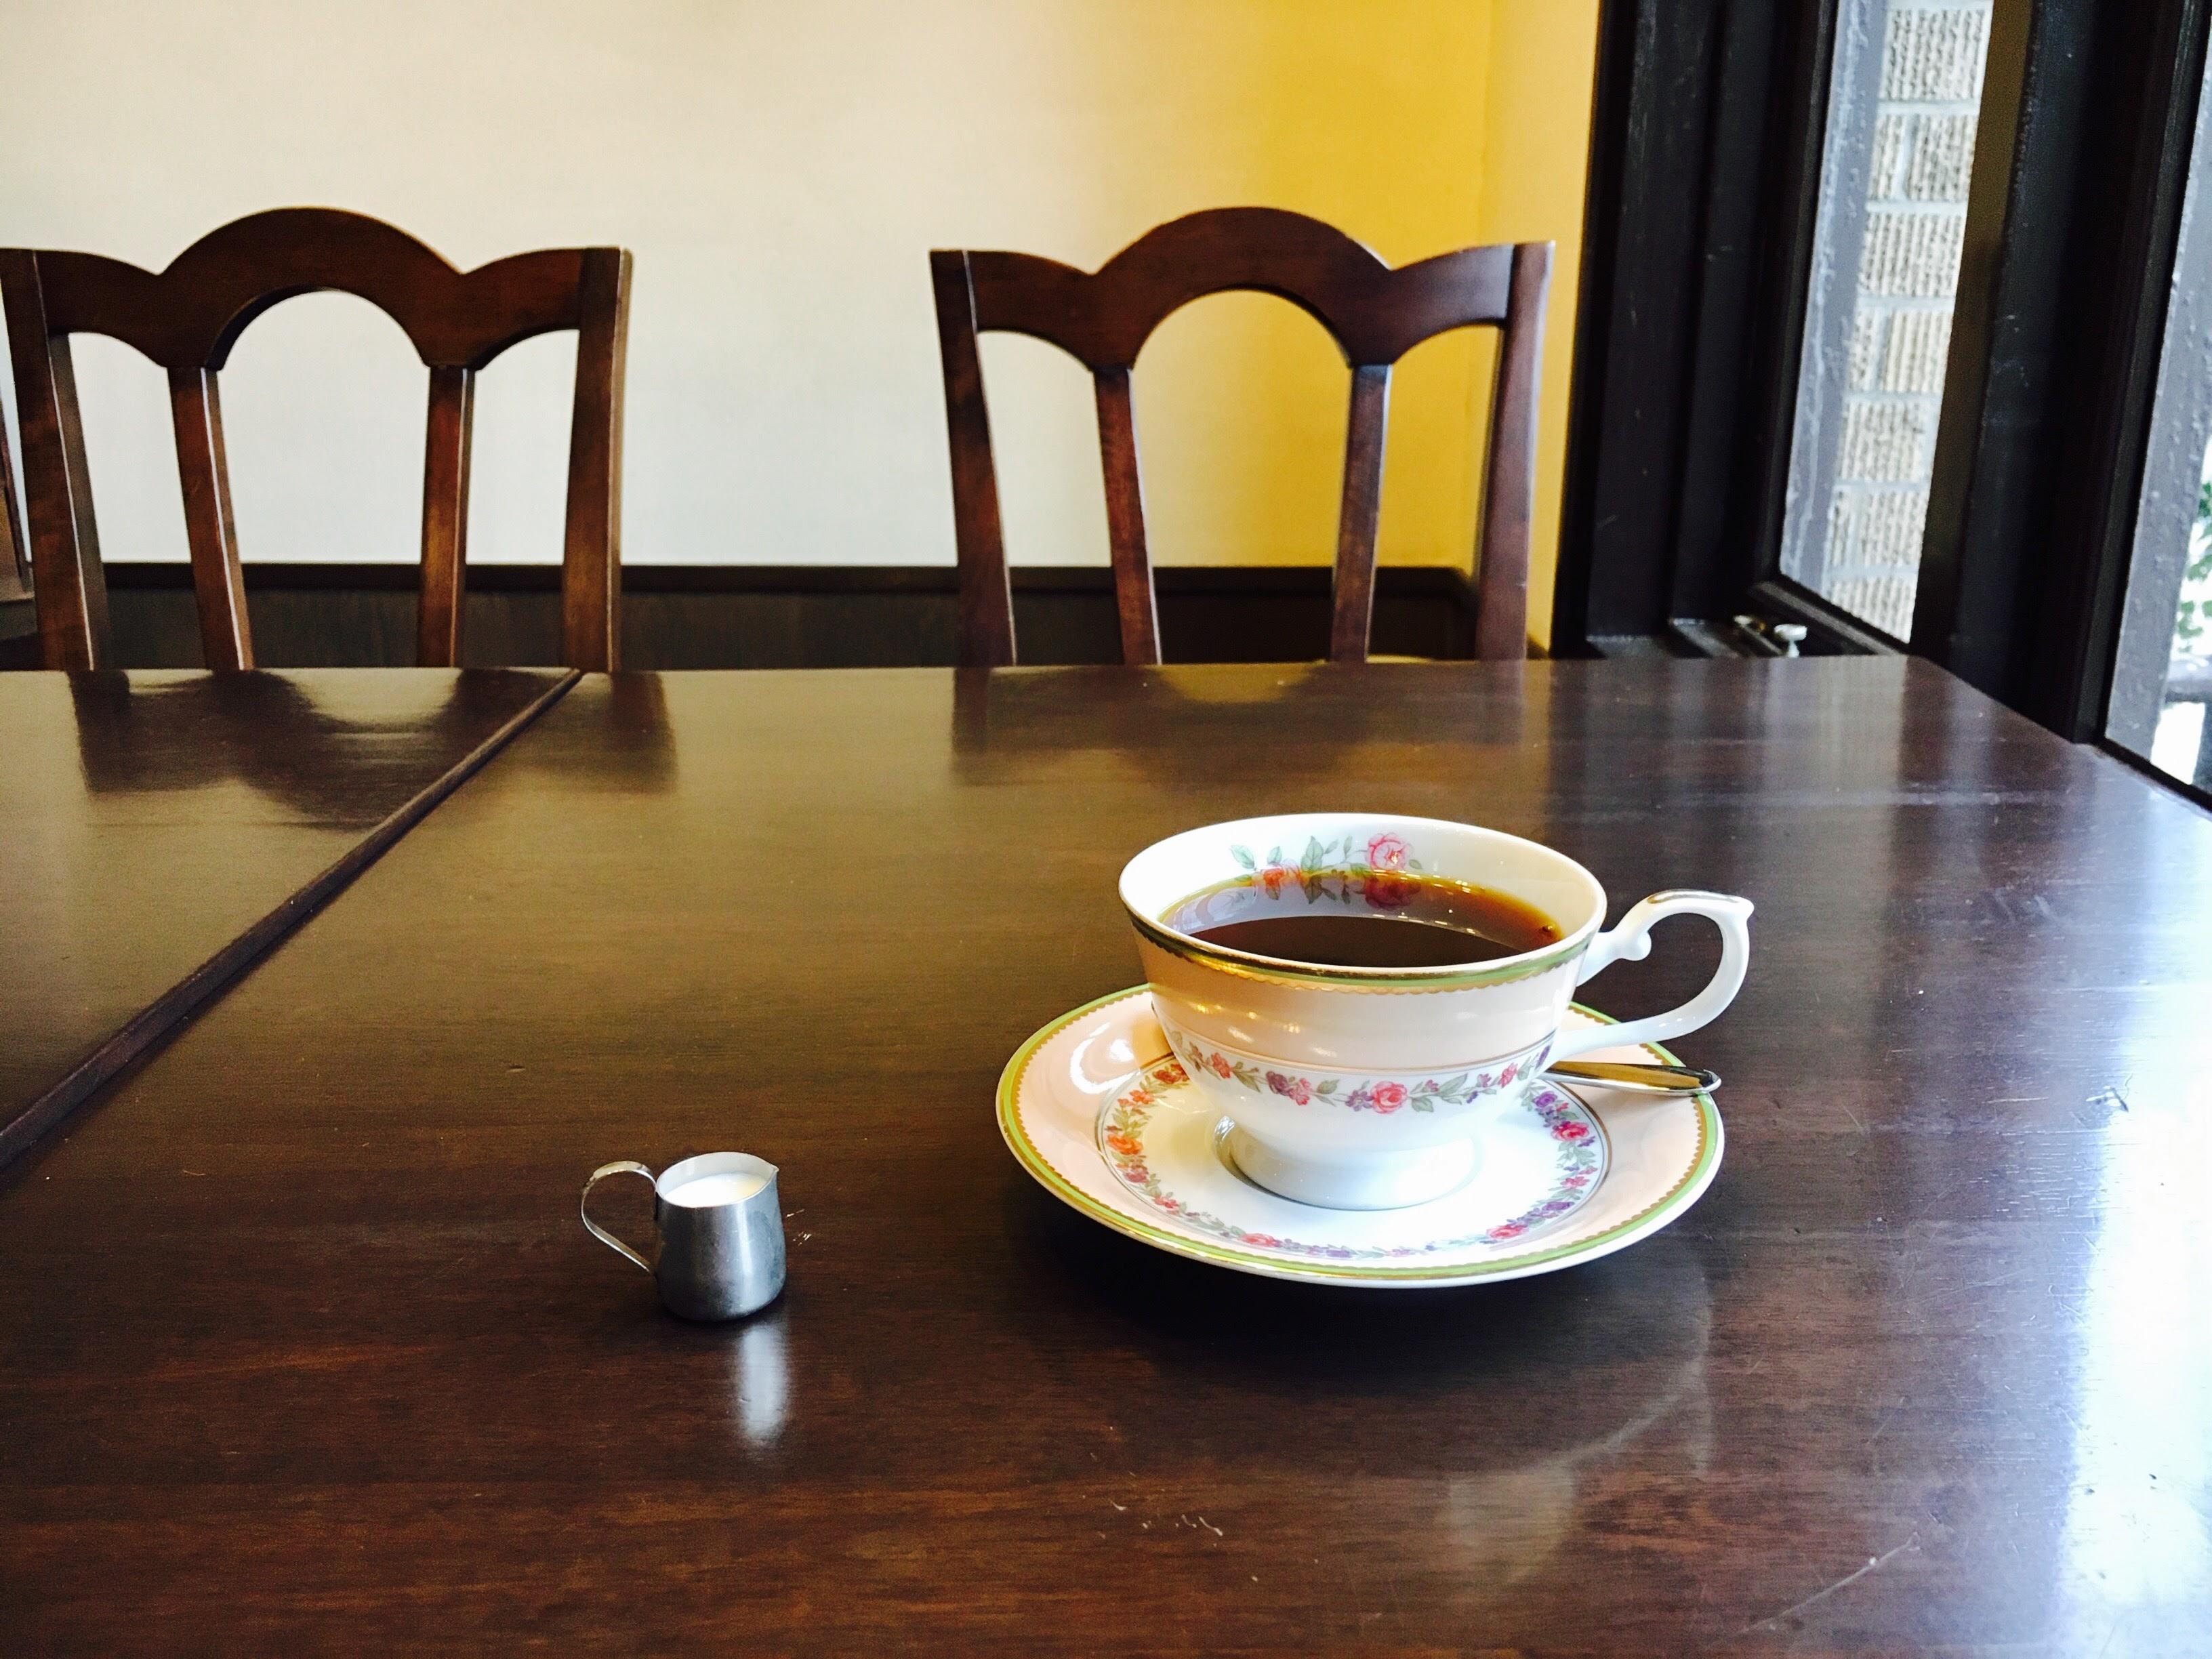 【長崎次郎喫茶室】熊本市・新町の電車を眺めながらコーヒーが飲めるレトロな喫茶店